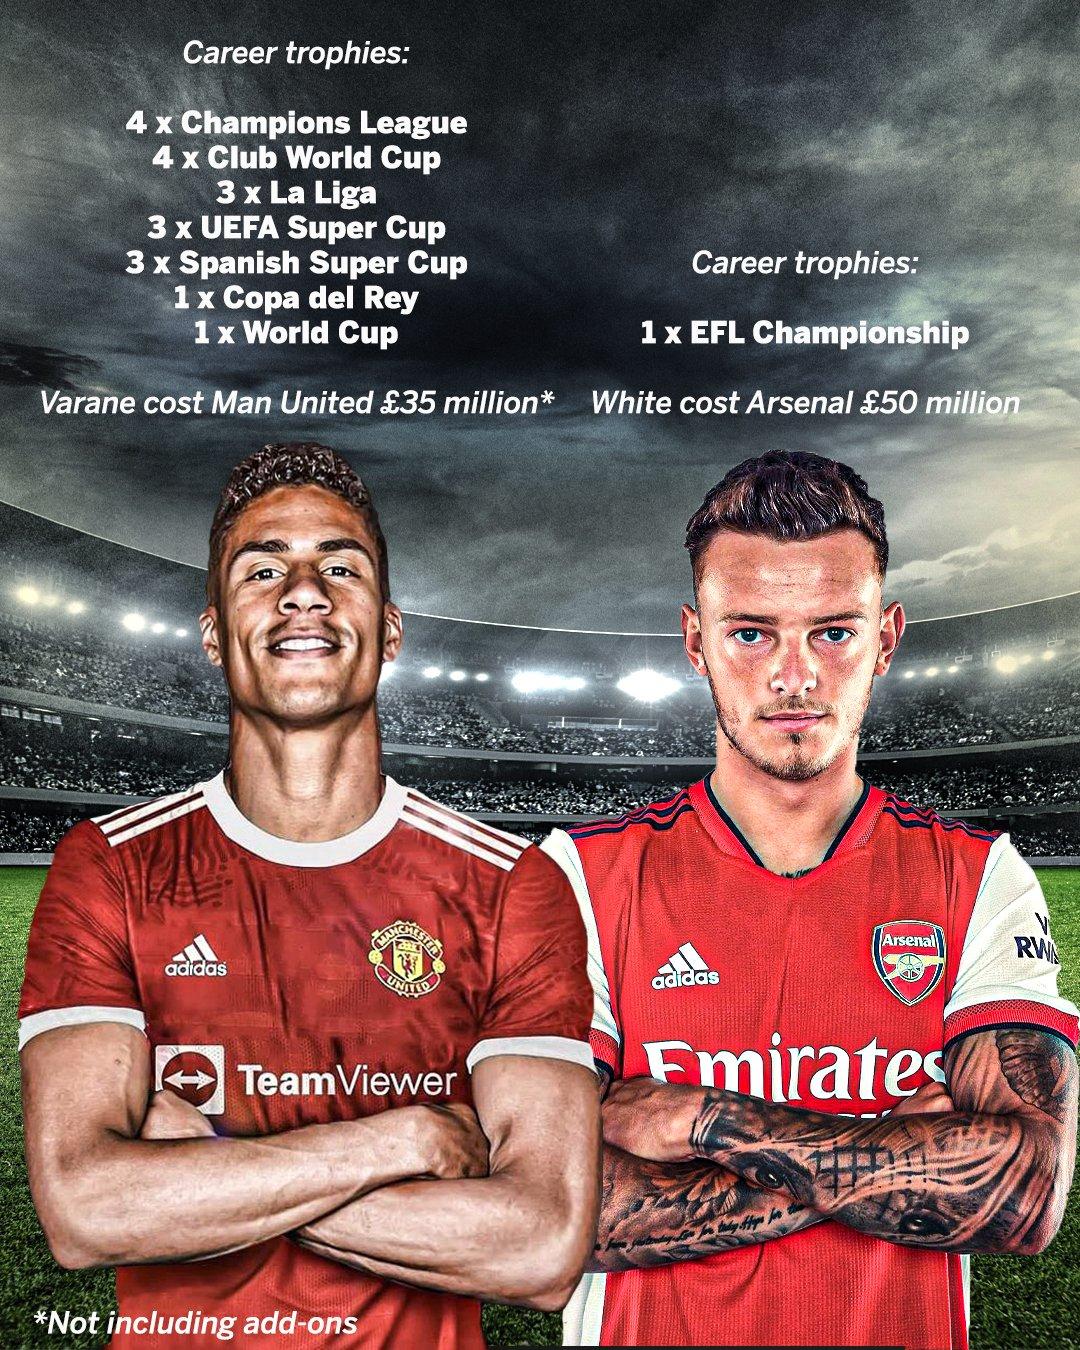 So sánh về các danh hiệu đoạt được mà phí chuyển nhượng được đặt ra ngay sau khi Arsenal và Man Utd hoàn tất tuyển mộ White và Varane.